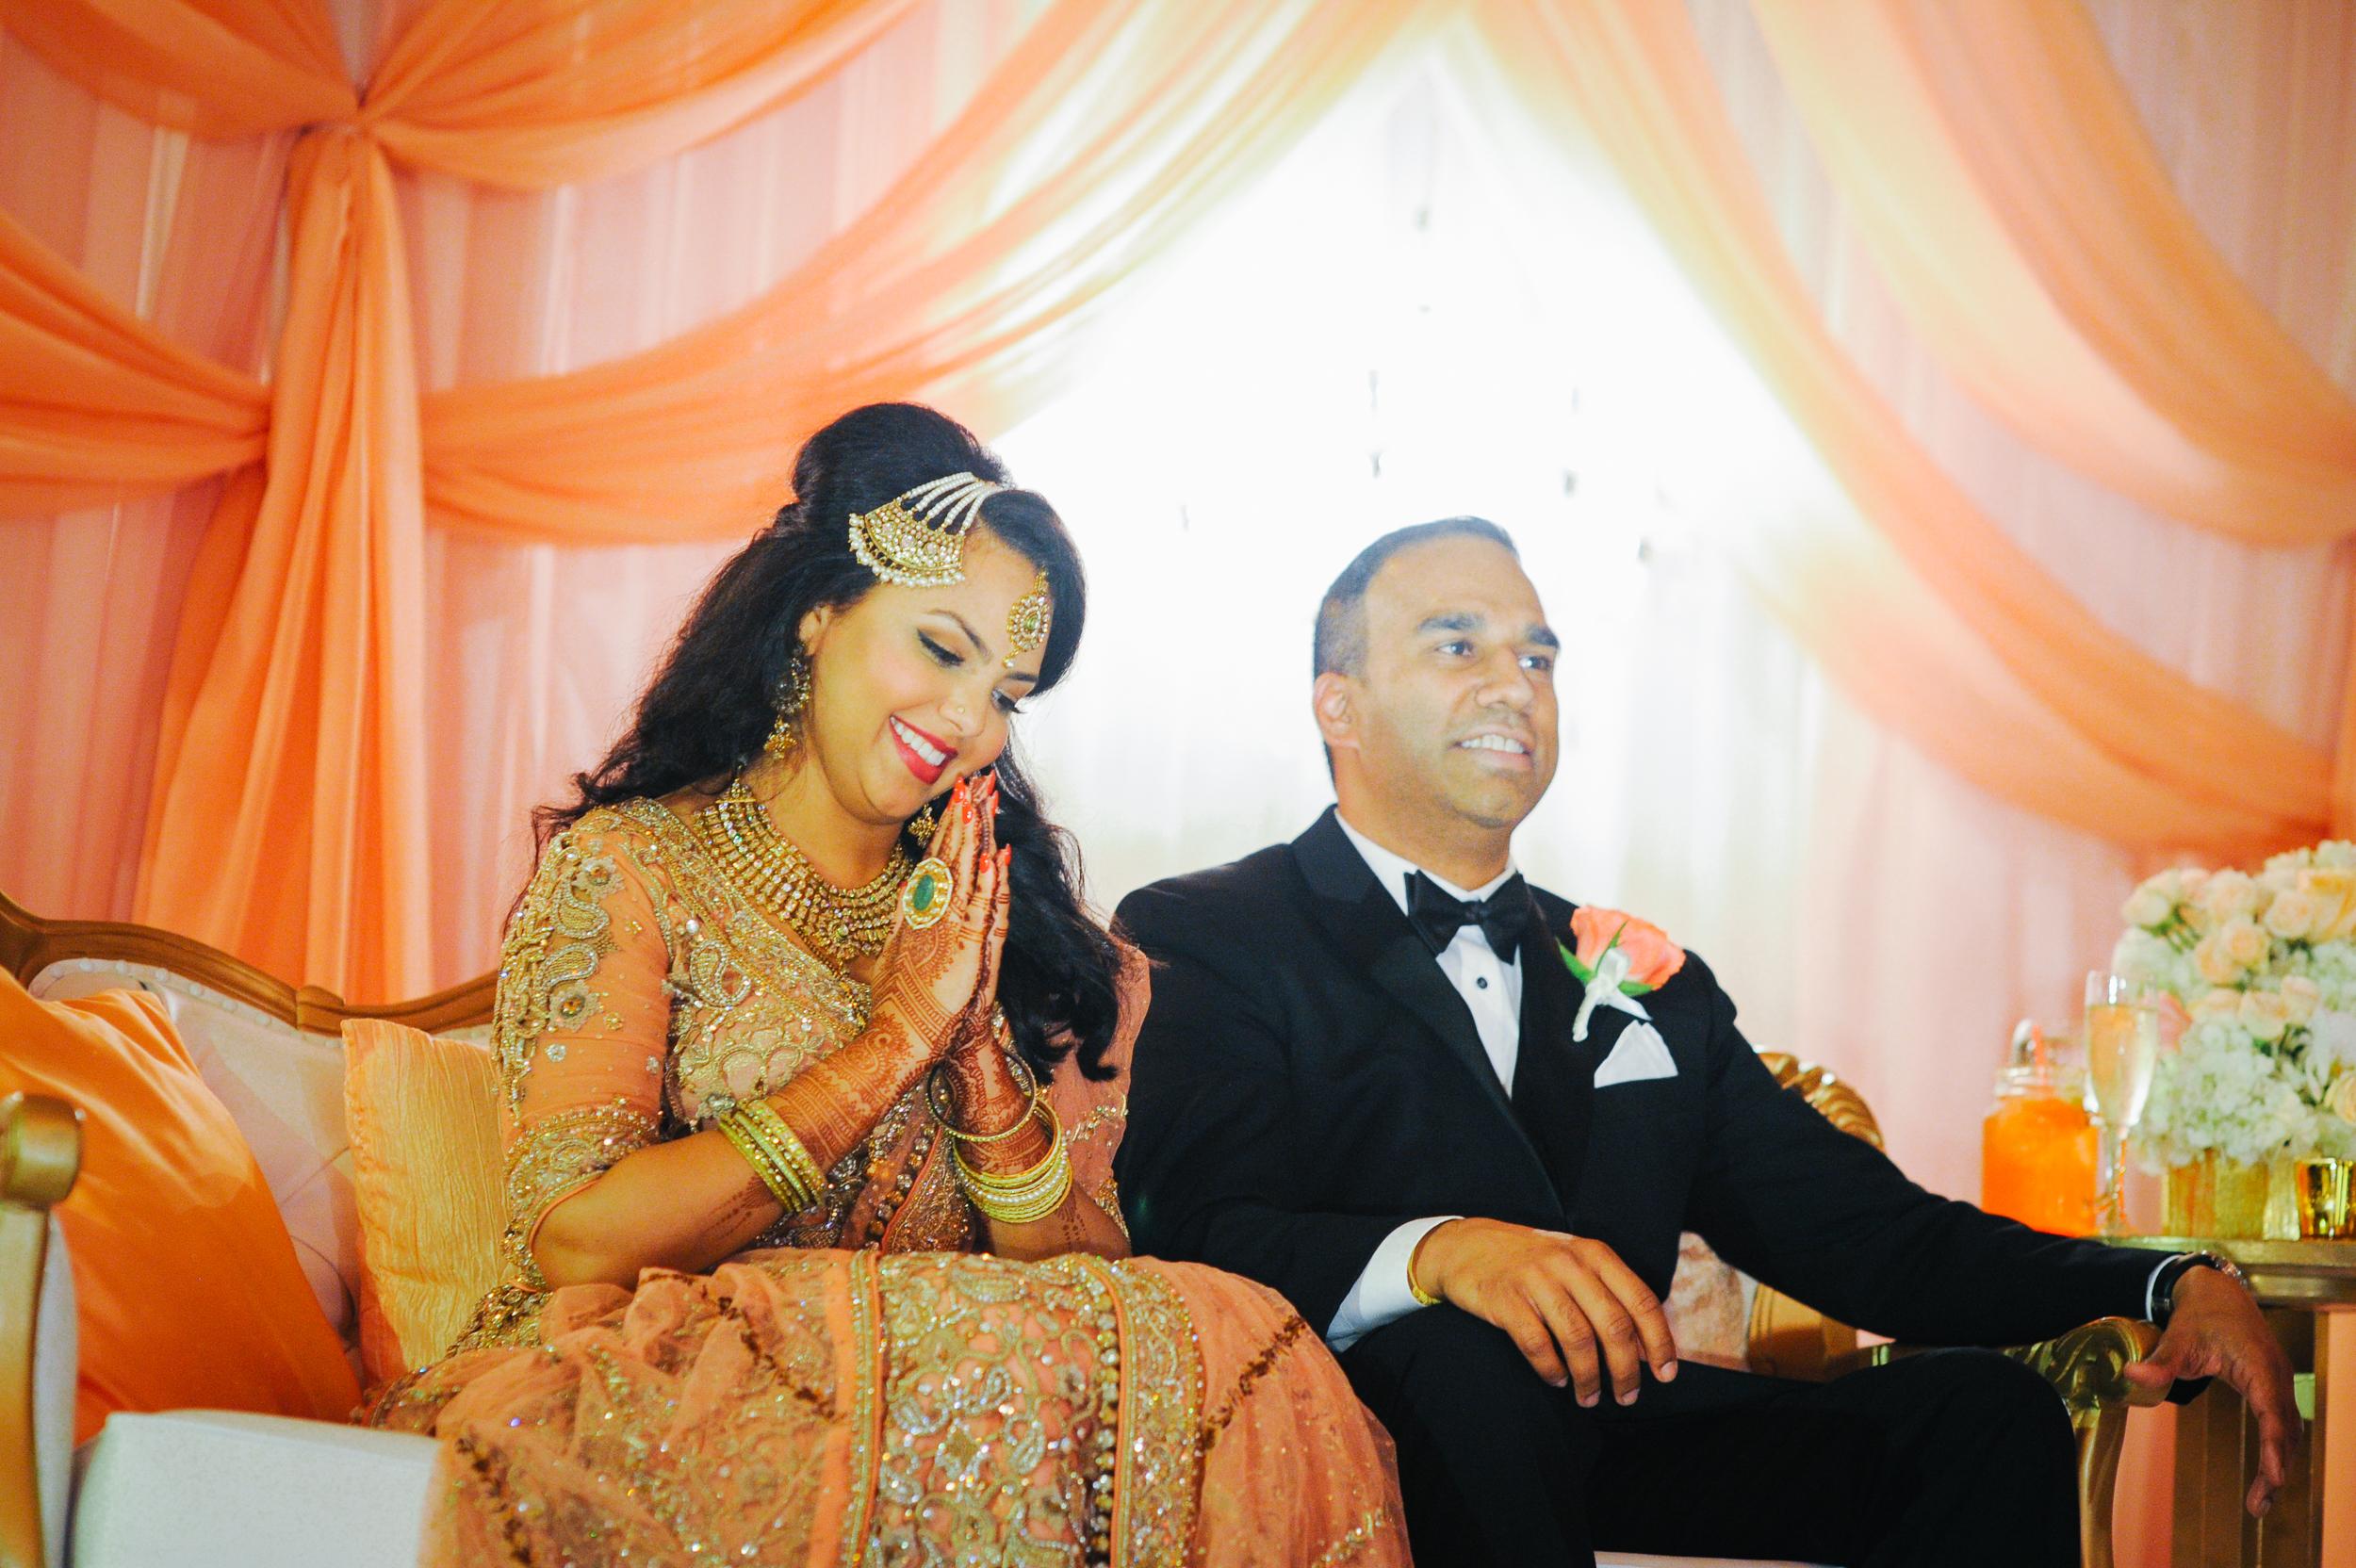 JKP_Indian_Weddings_0144.JPG